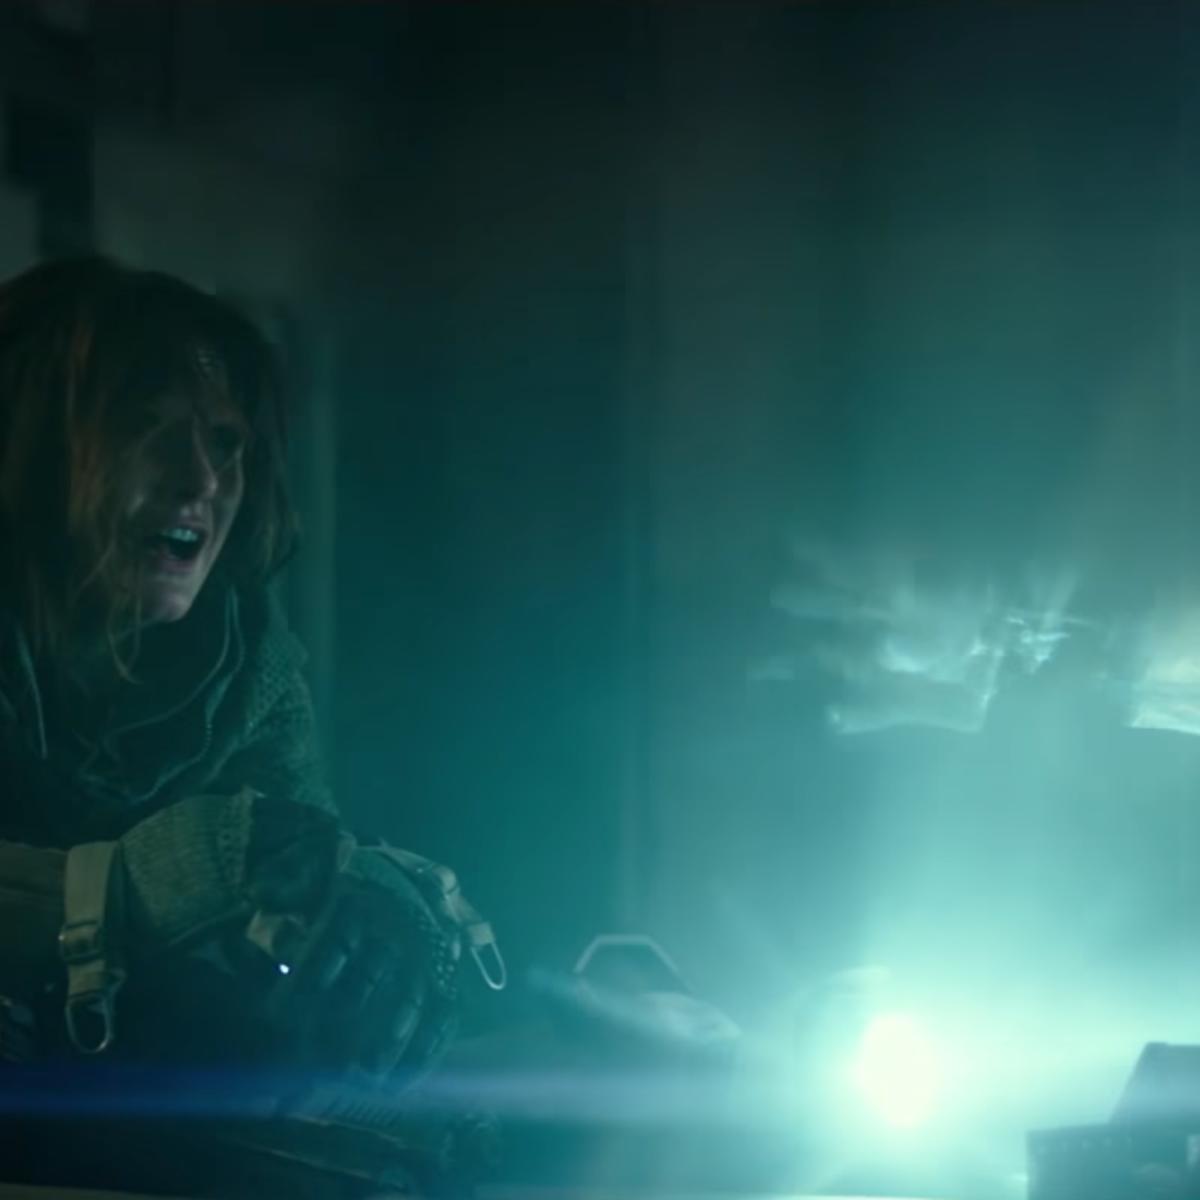 Spectral-Netflix-trailer-screenshot.png